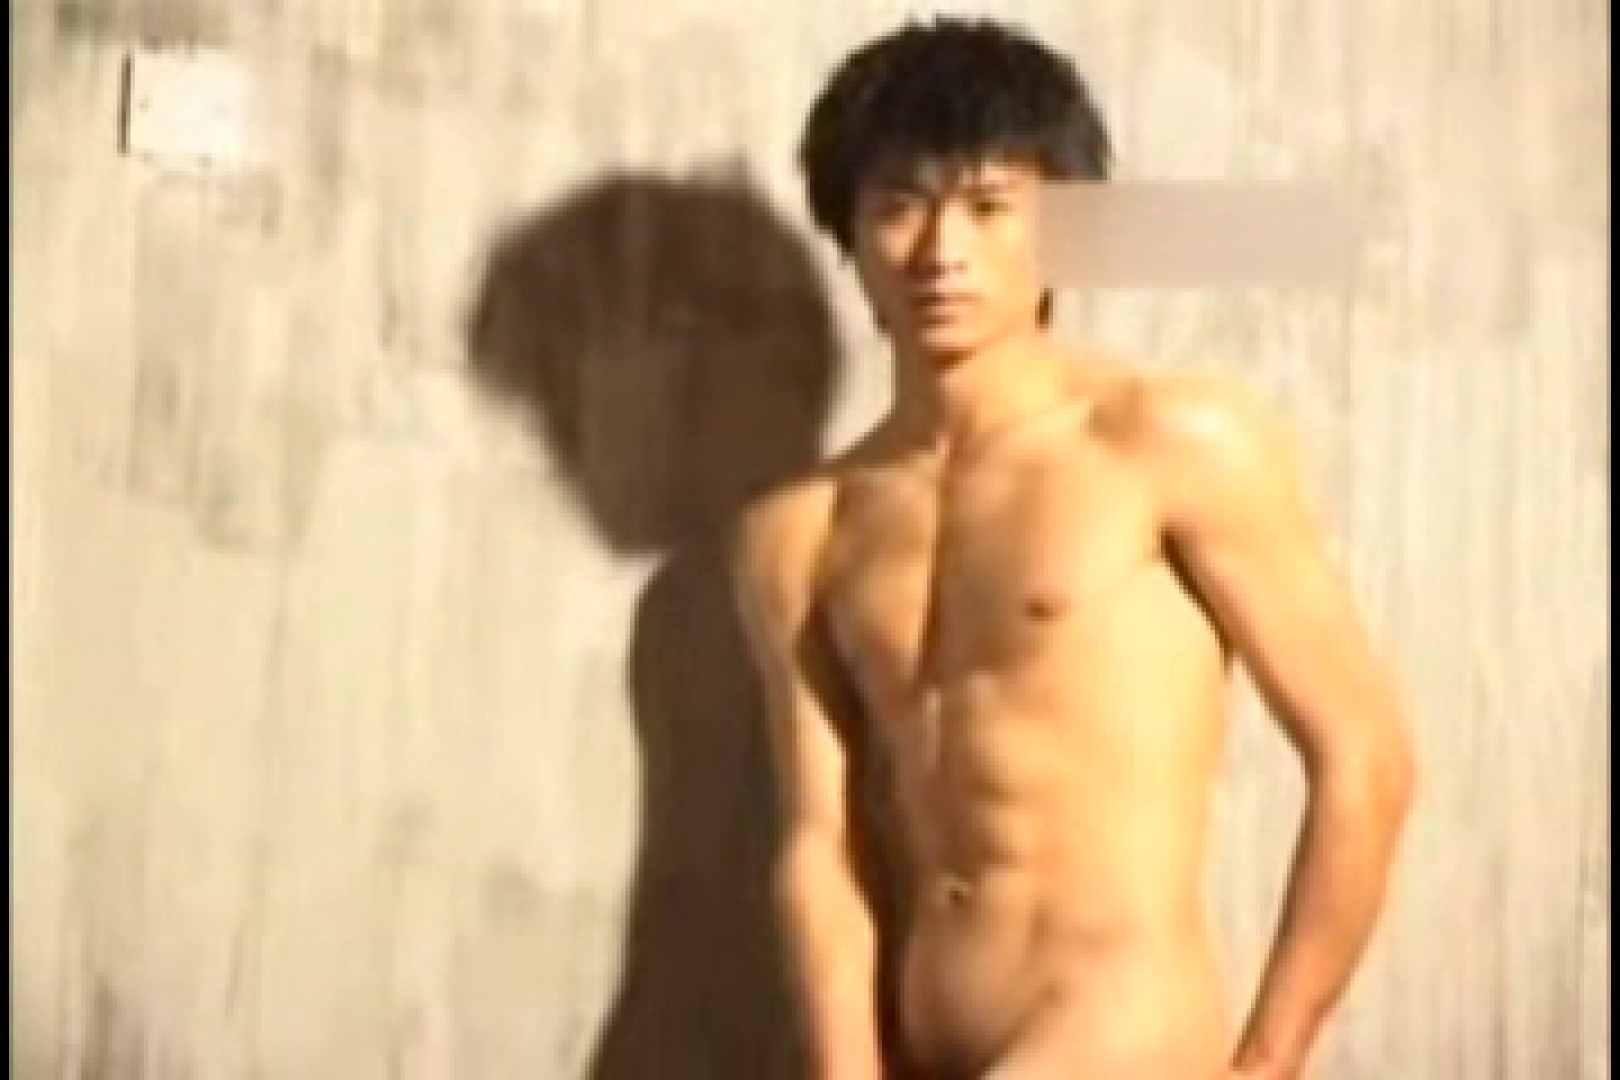 流出!!中出スーパーモデルya● jin hao モデル | ヌード アダルトビデオ画像キャプチャ 87枚 72